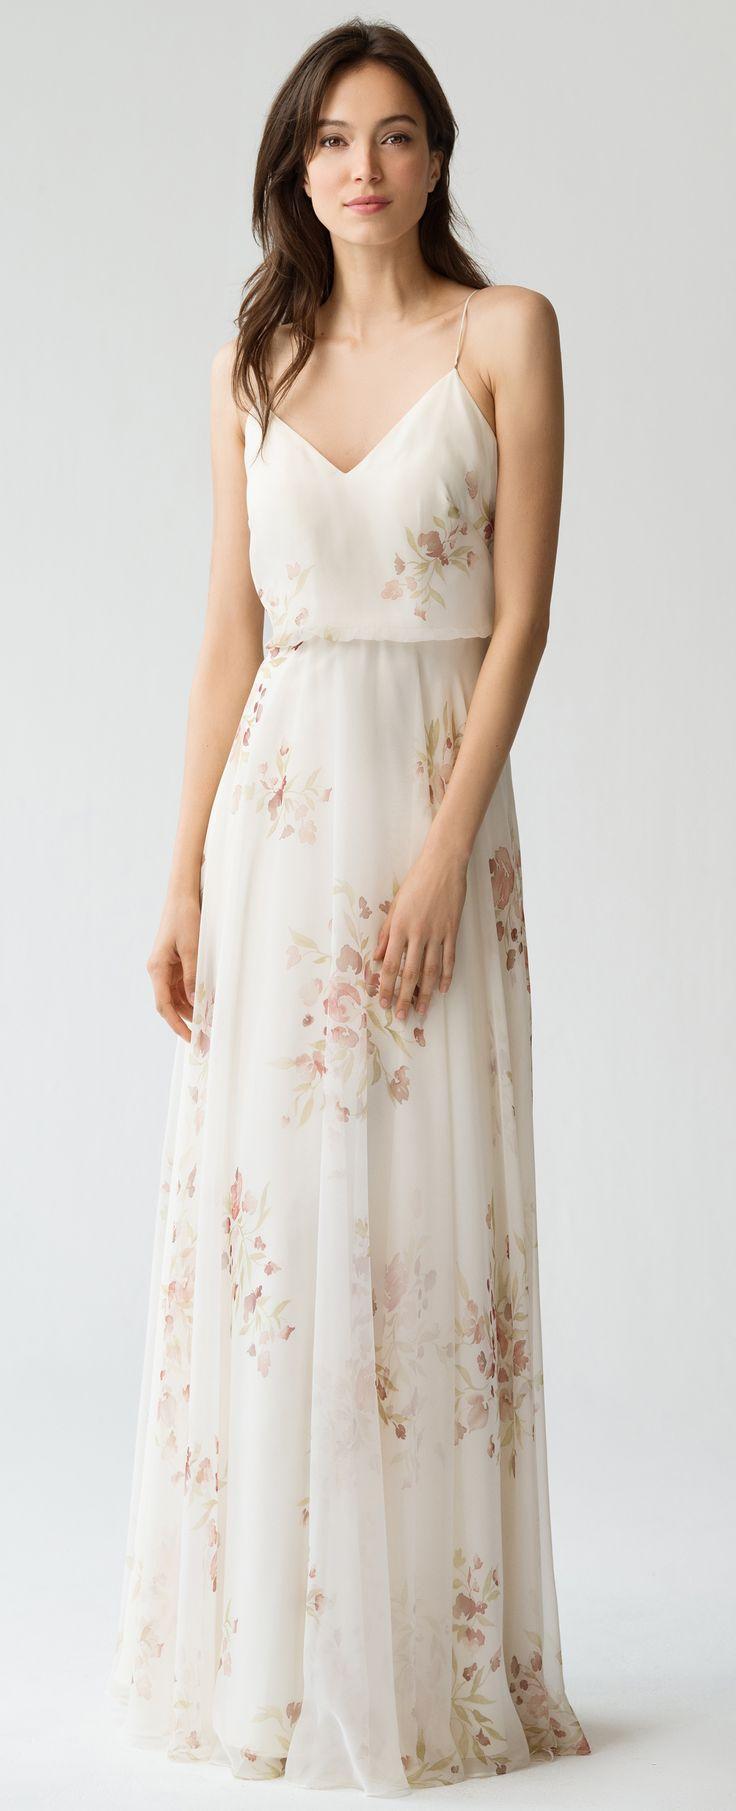 Hochzeit - 2017 Bridesmaid Collection